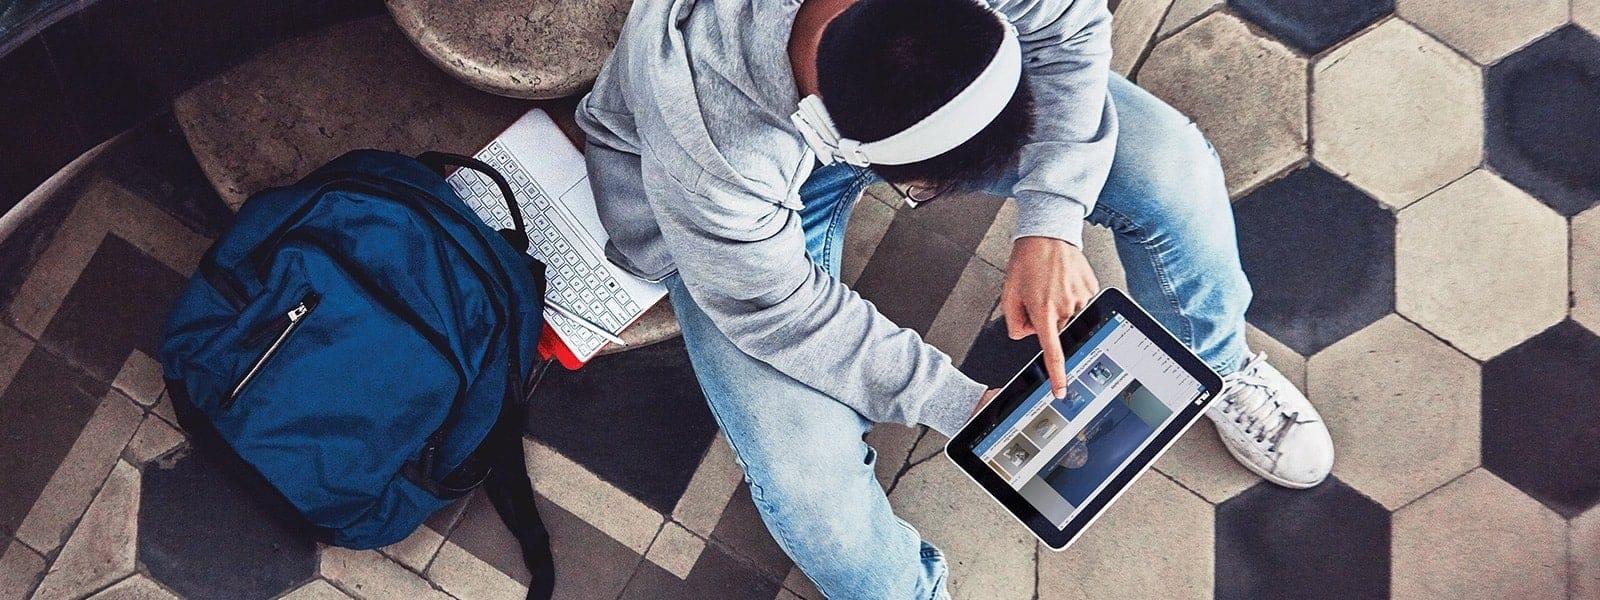 Egy diák egy Windows 10-es eszköz előtt